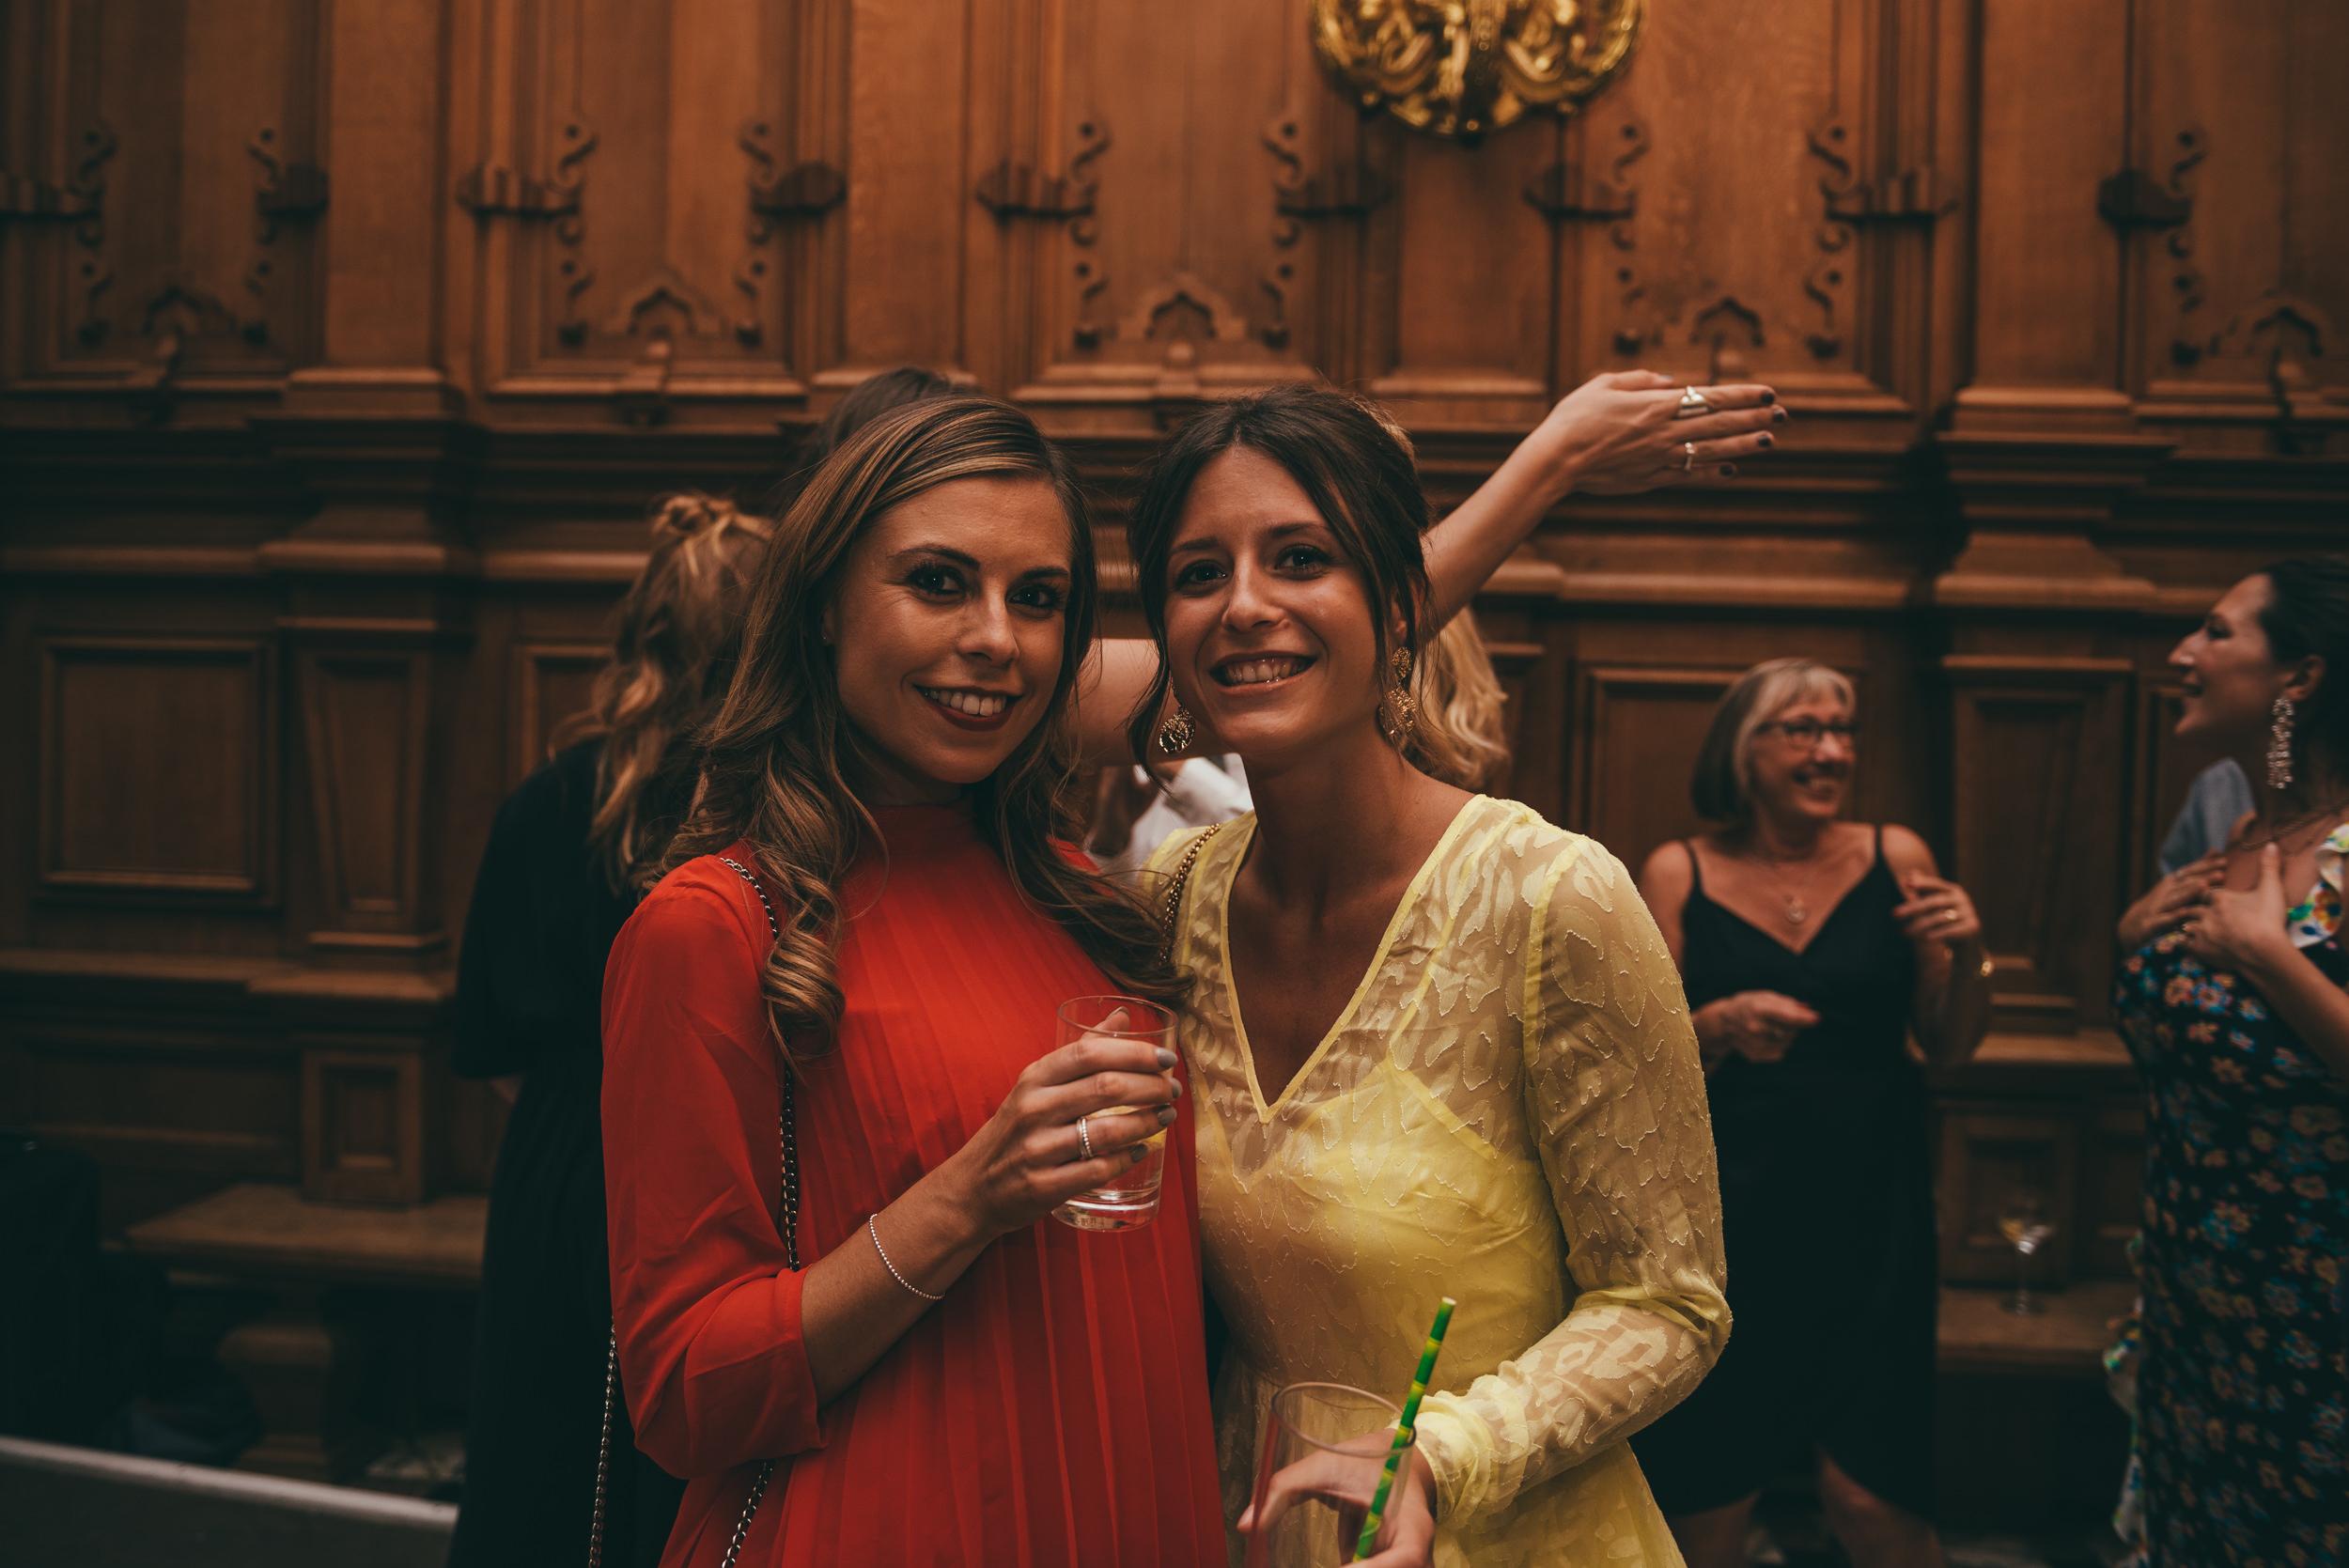 wedding guests at harlaxton manor